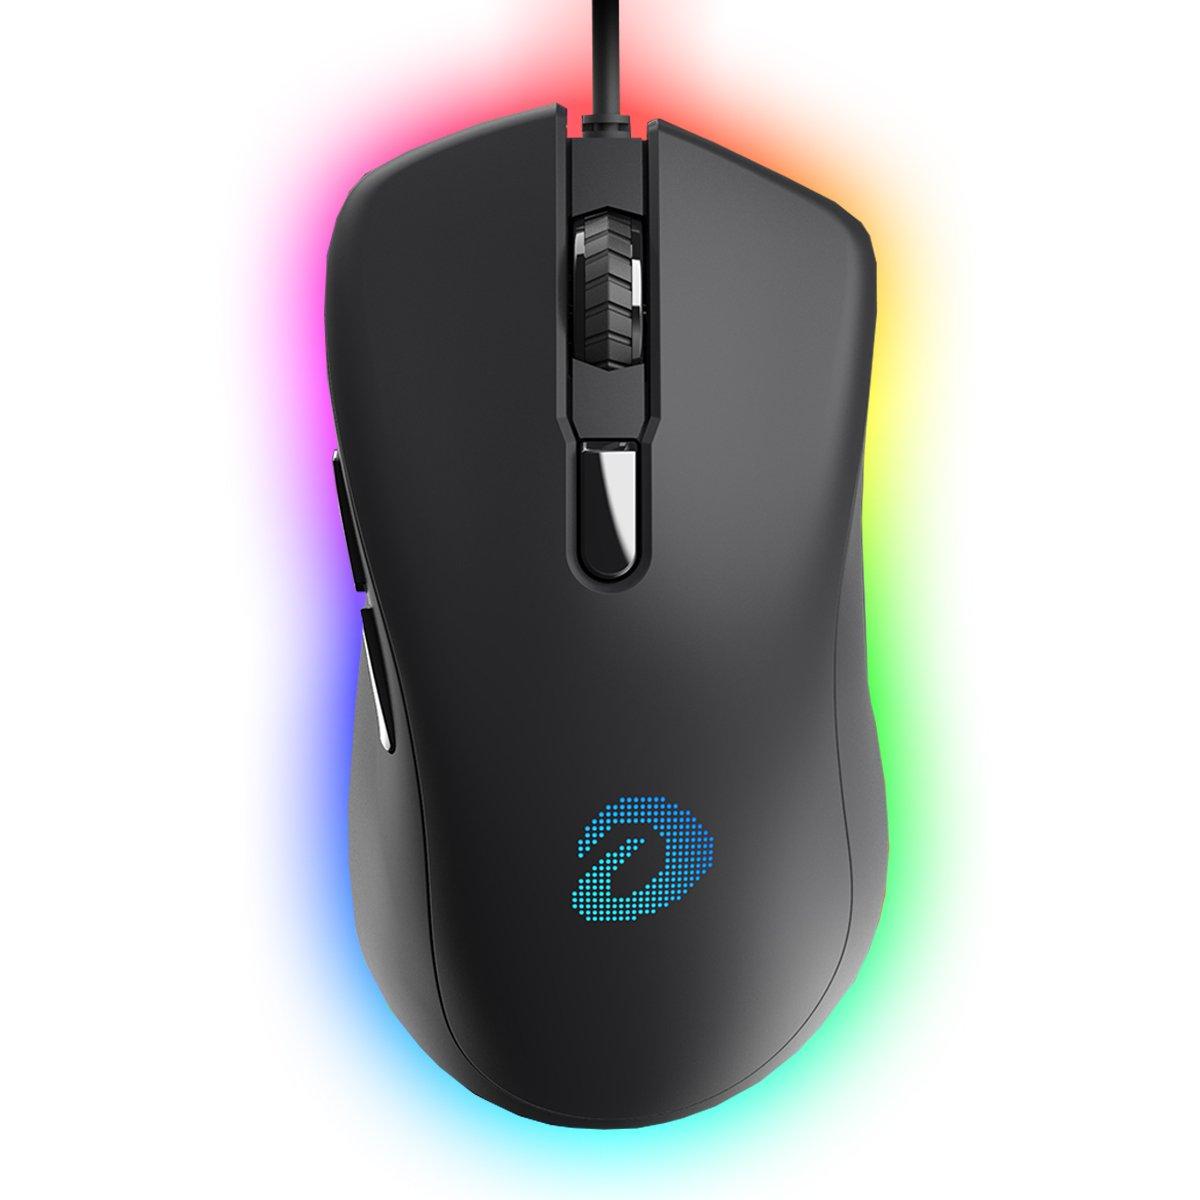 Mouse Dareu EM908 RGB USB Black